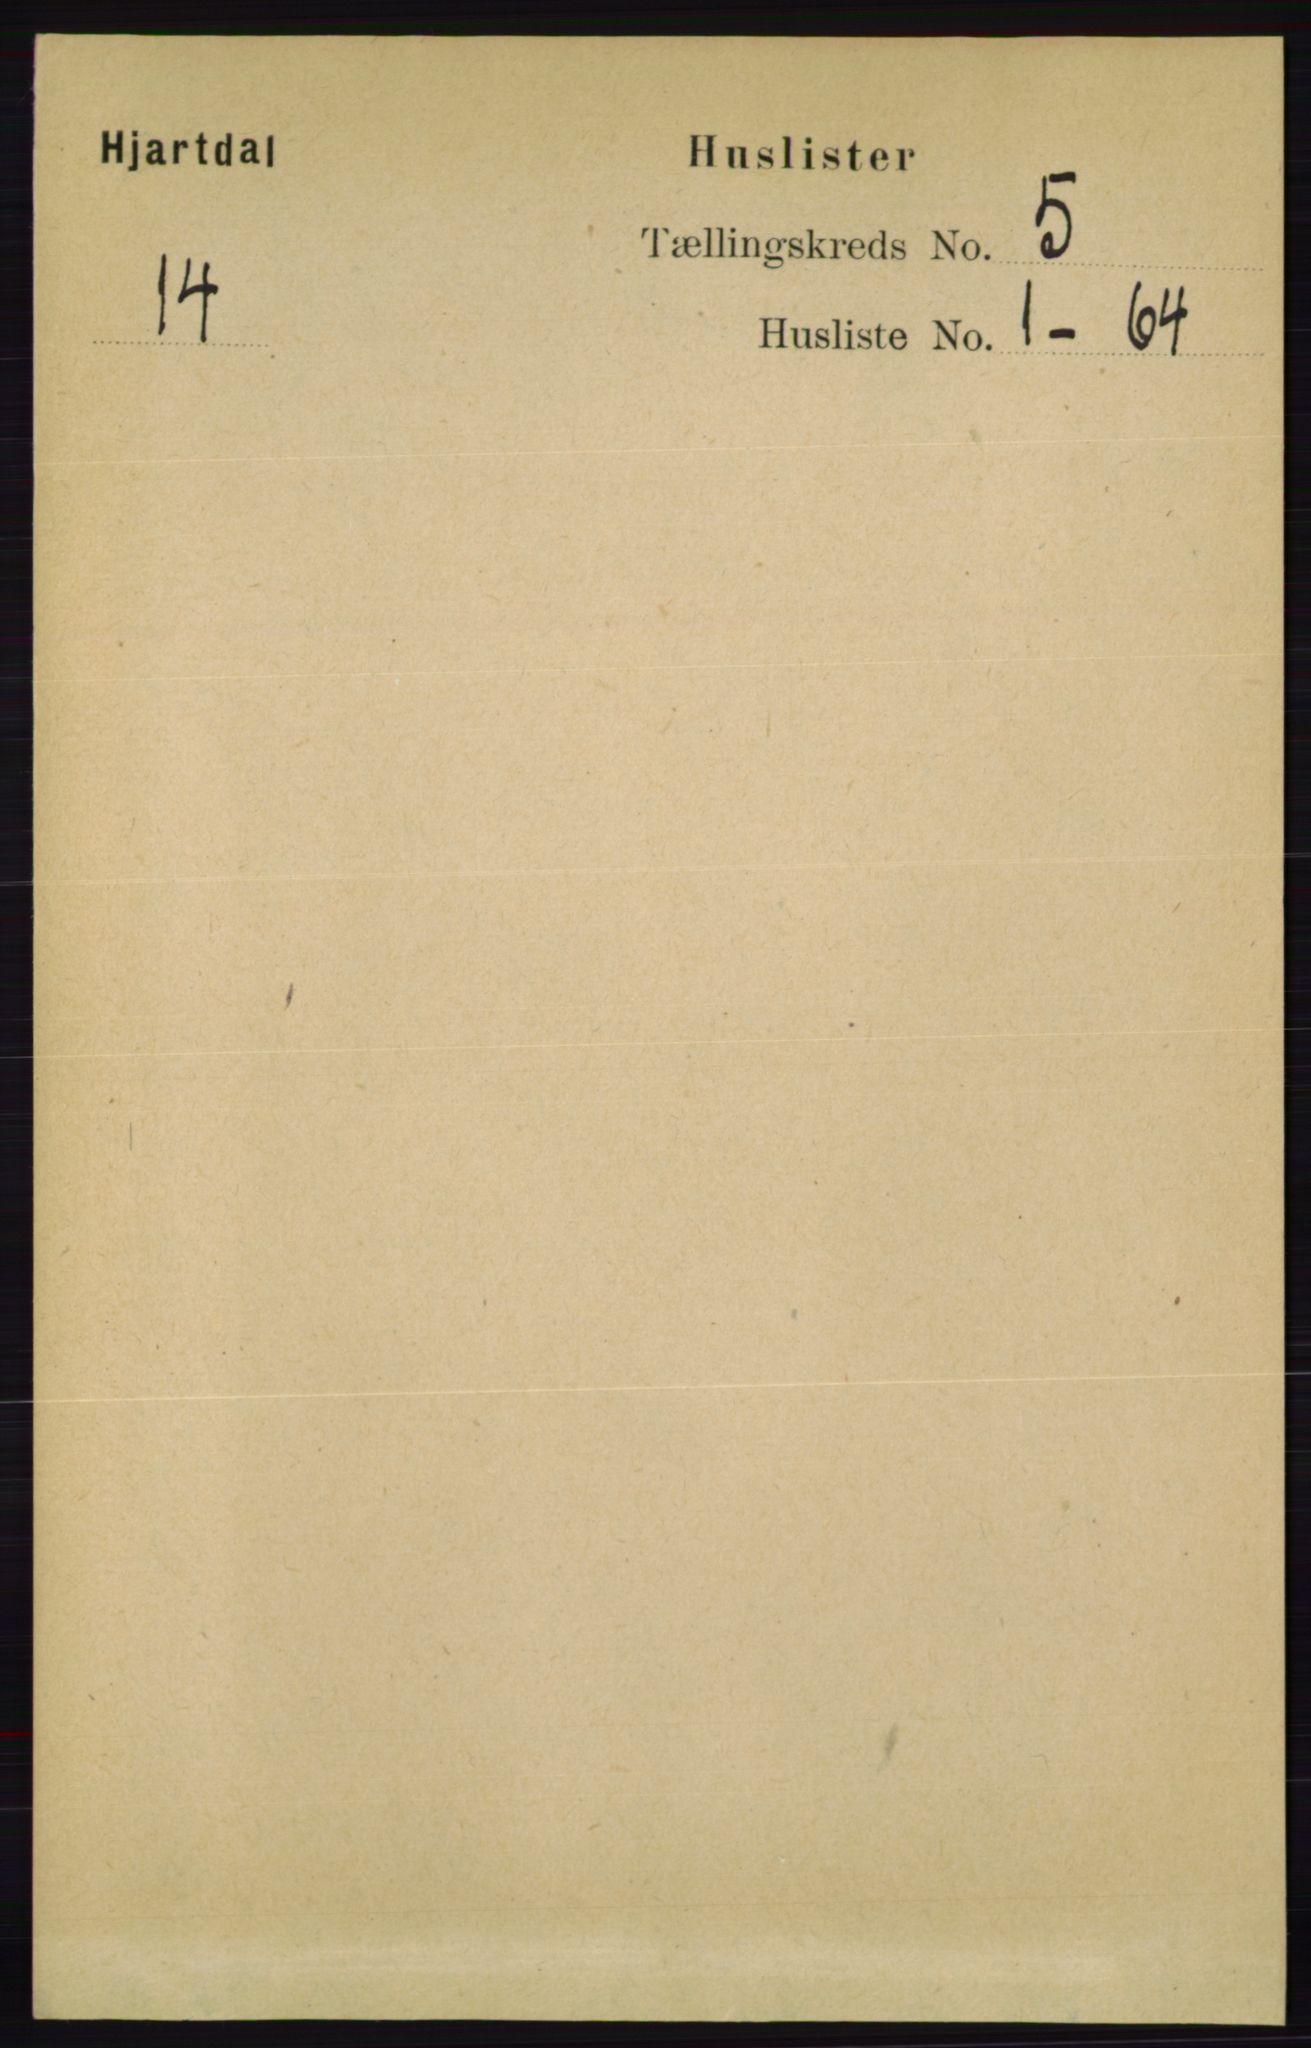 RA, Folketelling 1891 for 0827 Hjartdal herred, 1891, s. 1743